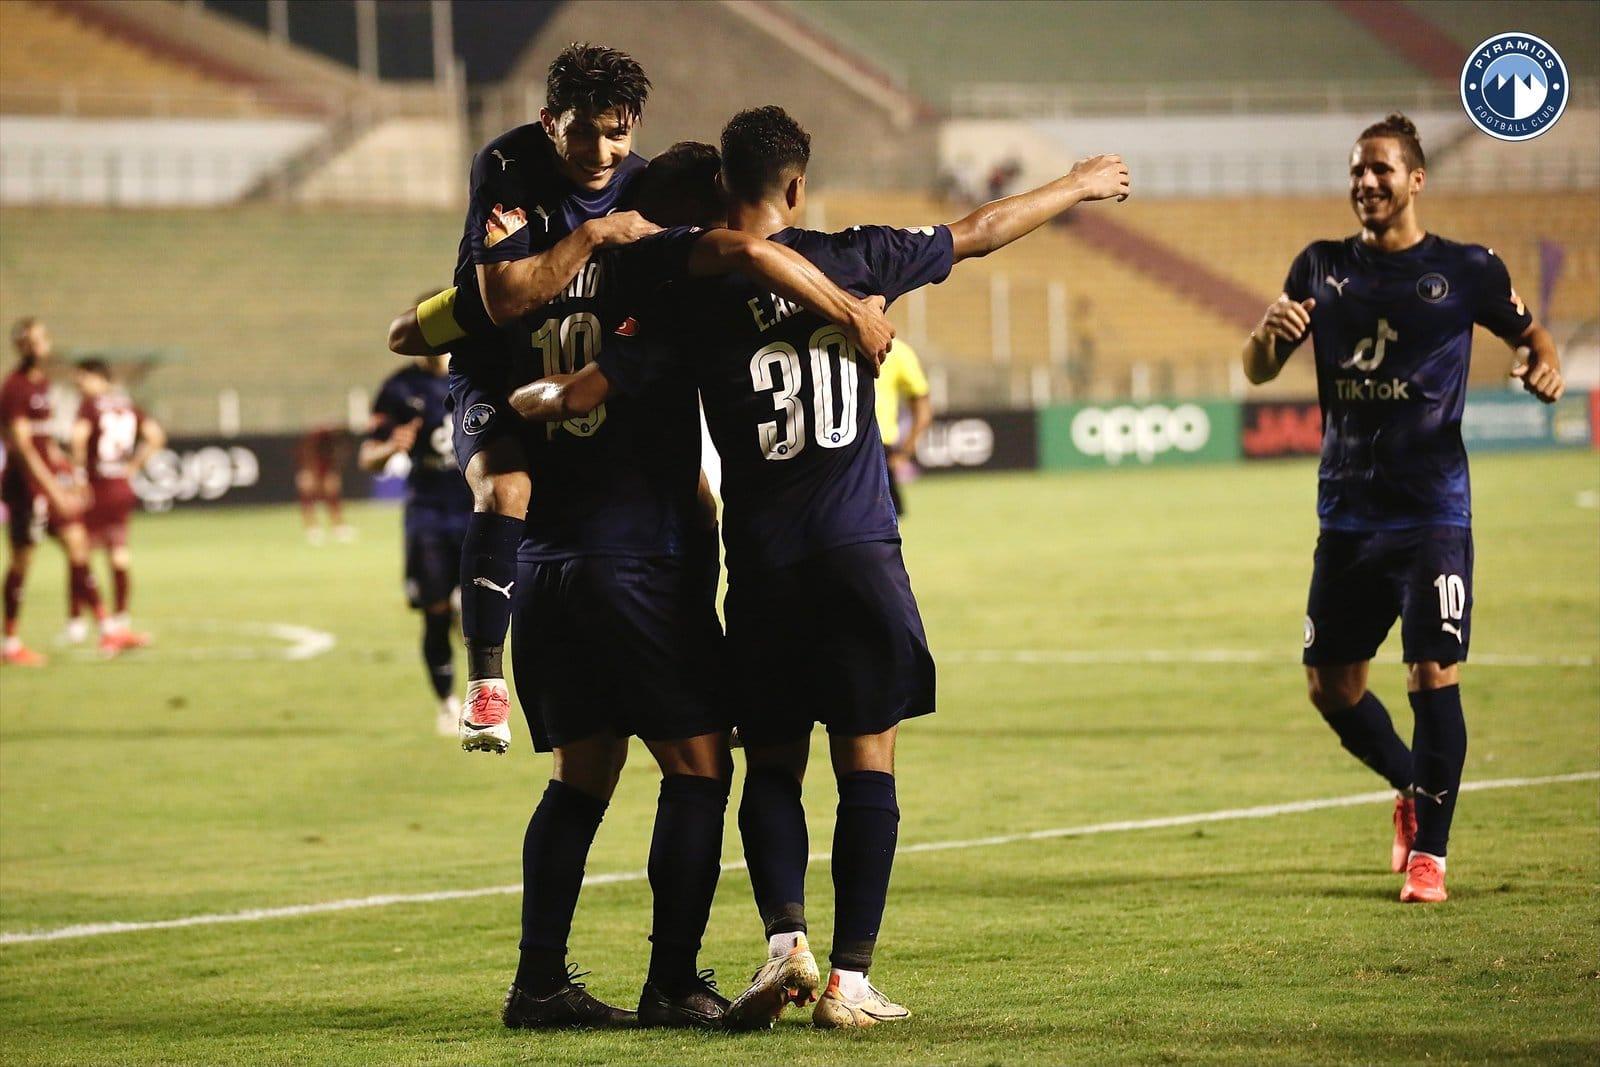 بيراميدز يحقق فوزه العريض على مصر المقاصة في الدوري المصري (شاهد)